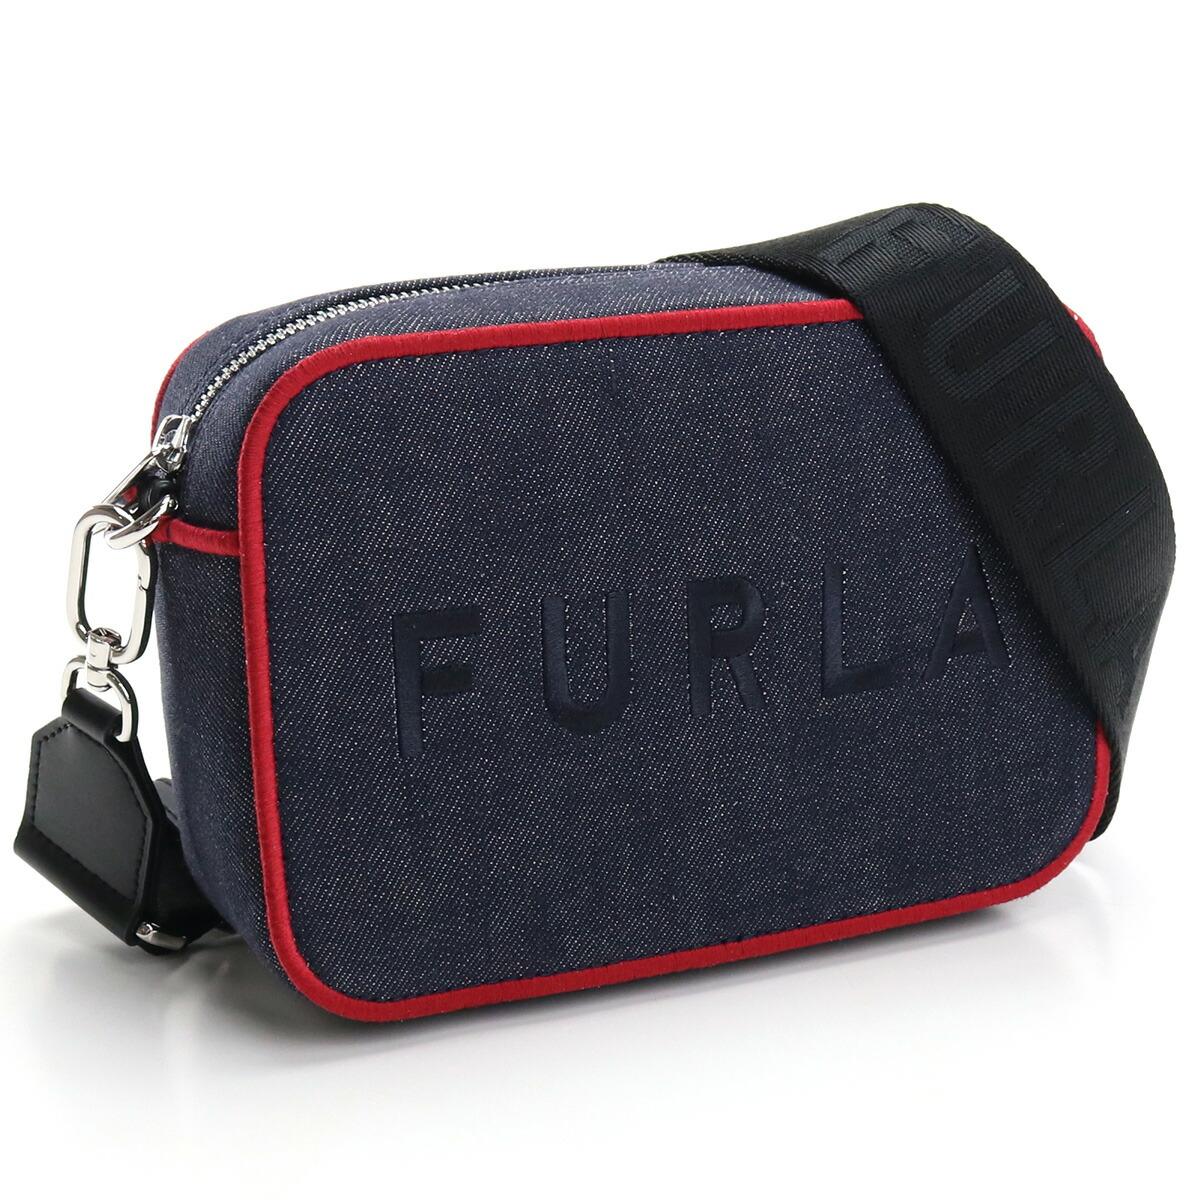 フルラ FURLA FURLA REAL 斜め掛け ショルダーバッグ ブランドバッグ WB00243 AX0796 0613S BLU+RUBY+NERO ネイビー系 bag-01